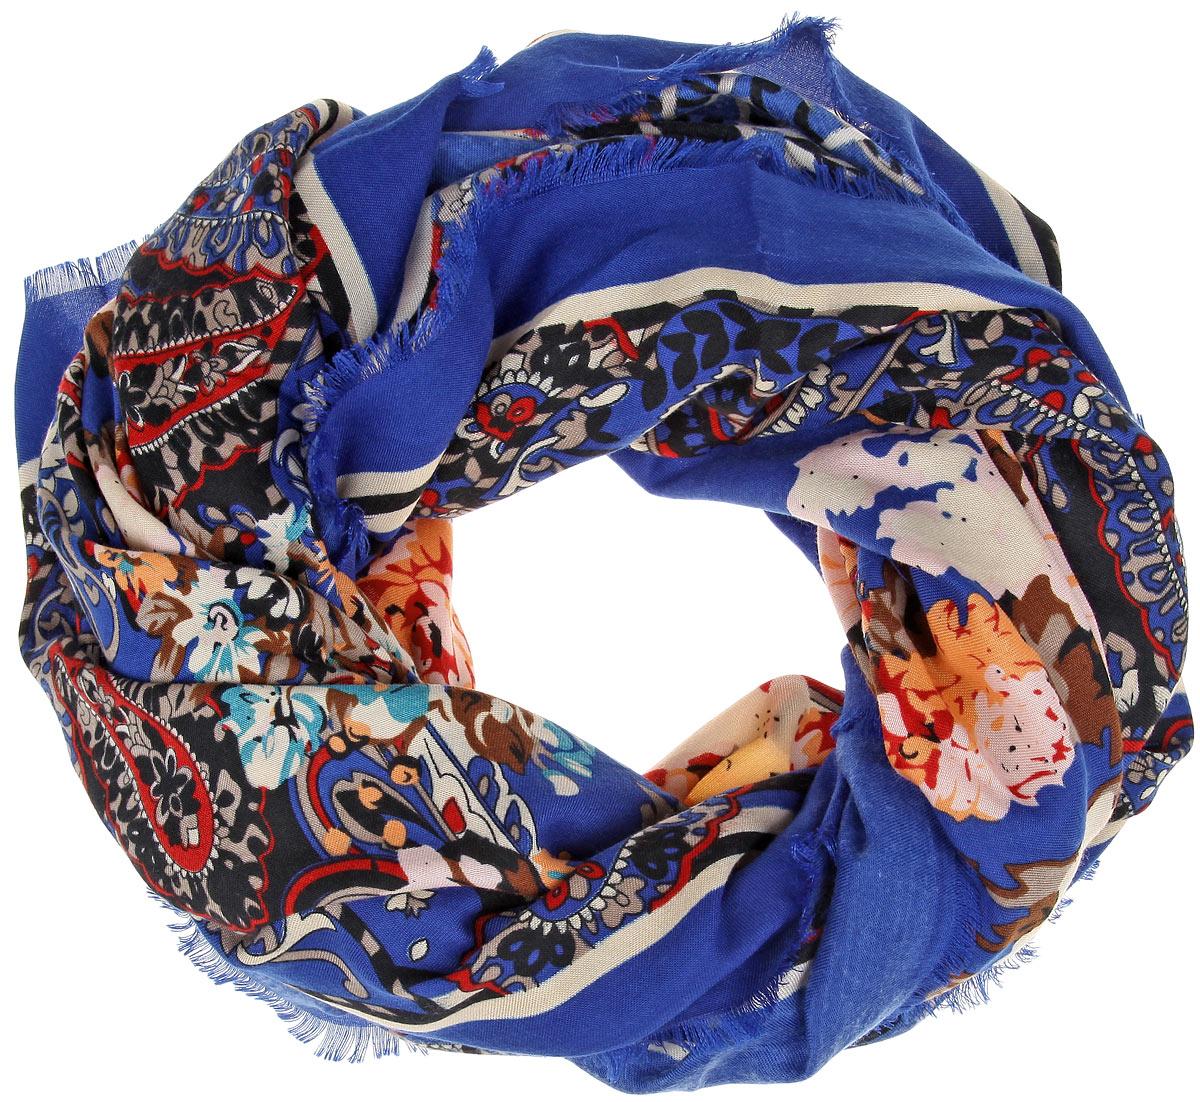 Платок женский Sophie Ramage, цвет: синий, мультиколор. BH-21503-3. Размер 140 см х 140 смBH-21503-3Элегантный платок от Sophie Ramage внесет изысканные нотки в ваш образ. Модель выполнена из модала с добавлением шерсти и декорирована изумительным цветочным принтом. Края платка оформлены бахромой.Этот модный аксессуар женского гардероба гармонично дополнит образ современной женщины, следящей за своим имиджем и стремящейся всегда оставаться стильной и женственной.